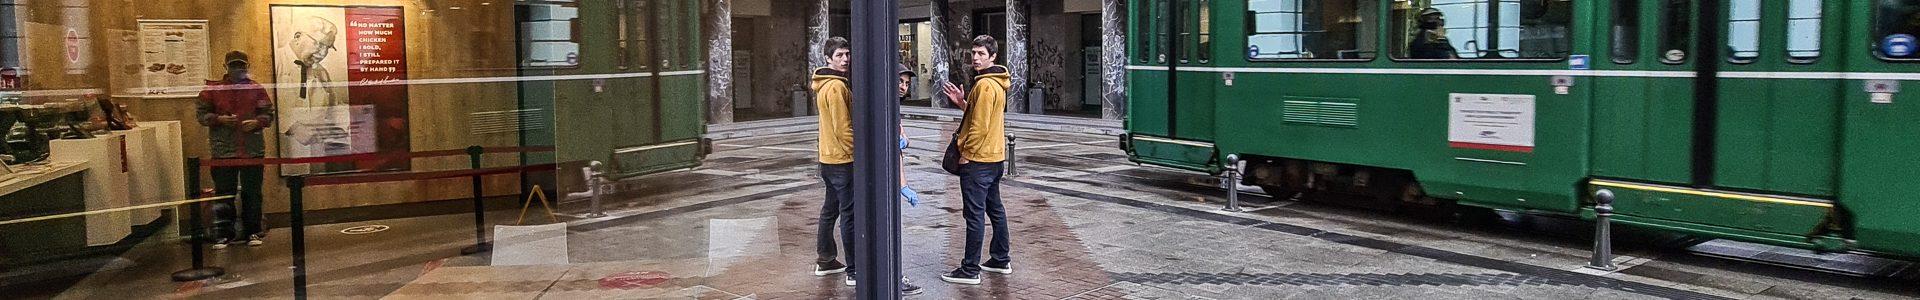 """Етюд: """"Street"""" фотография с телефон"""